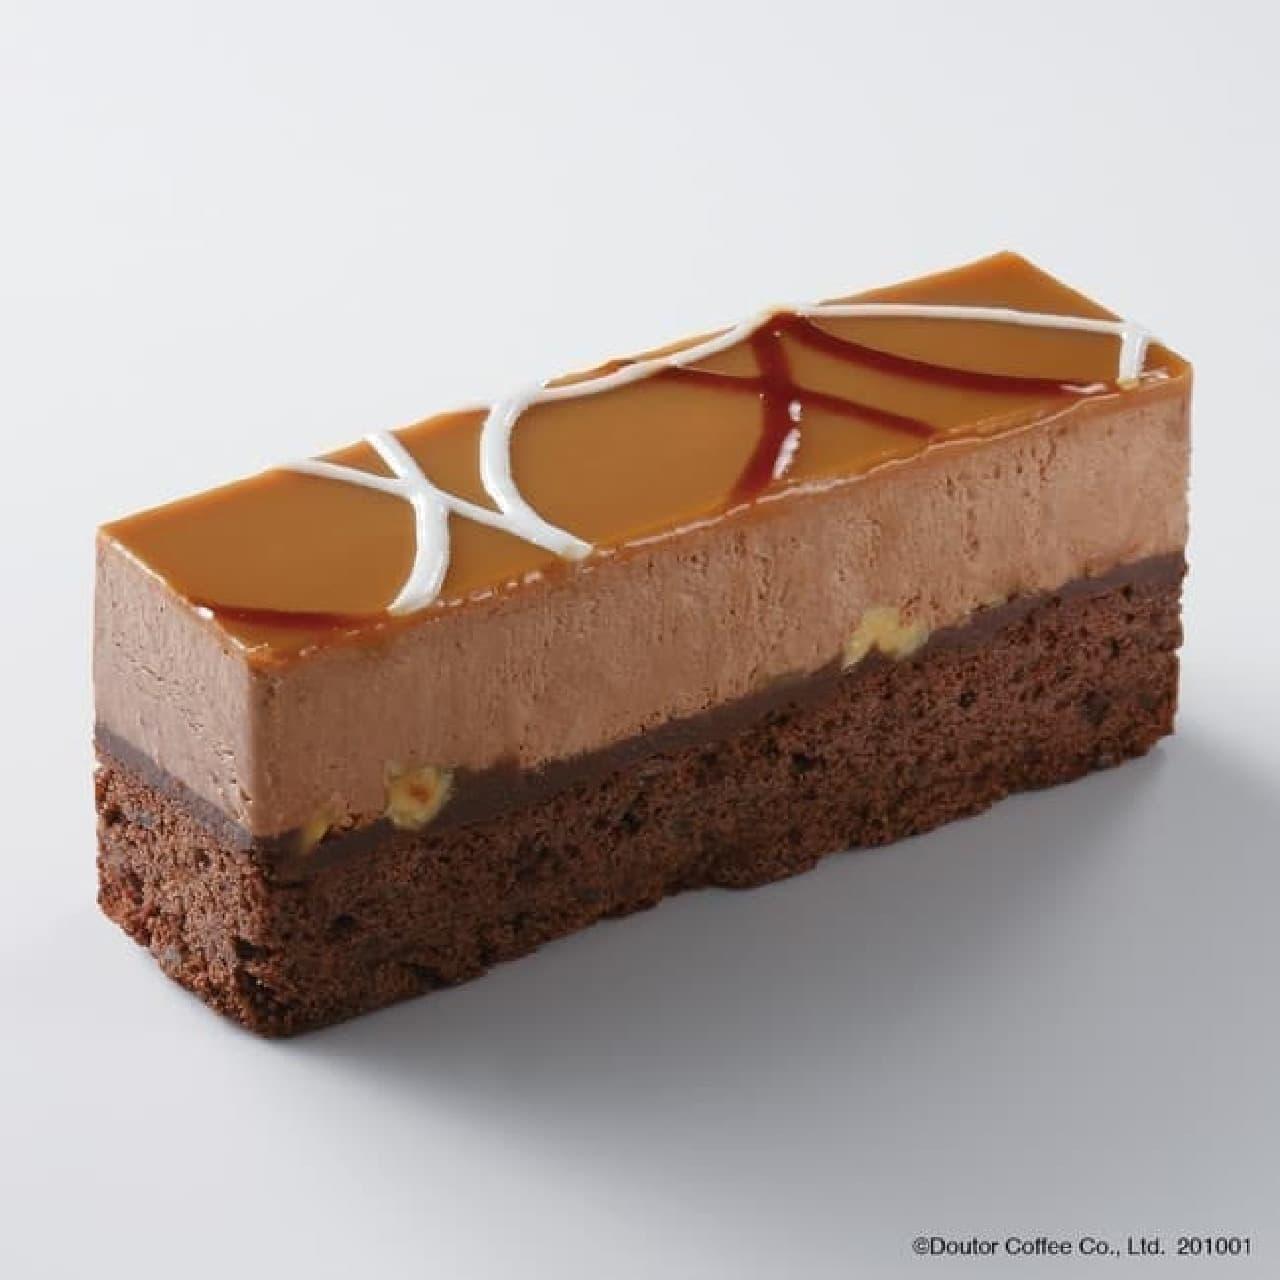 エクセルシオール カフェ「ショコラキャラメル ~ベルギー産クーベルチュールチョコレート使用~」